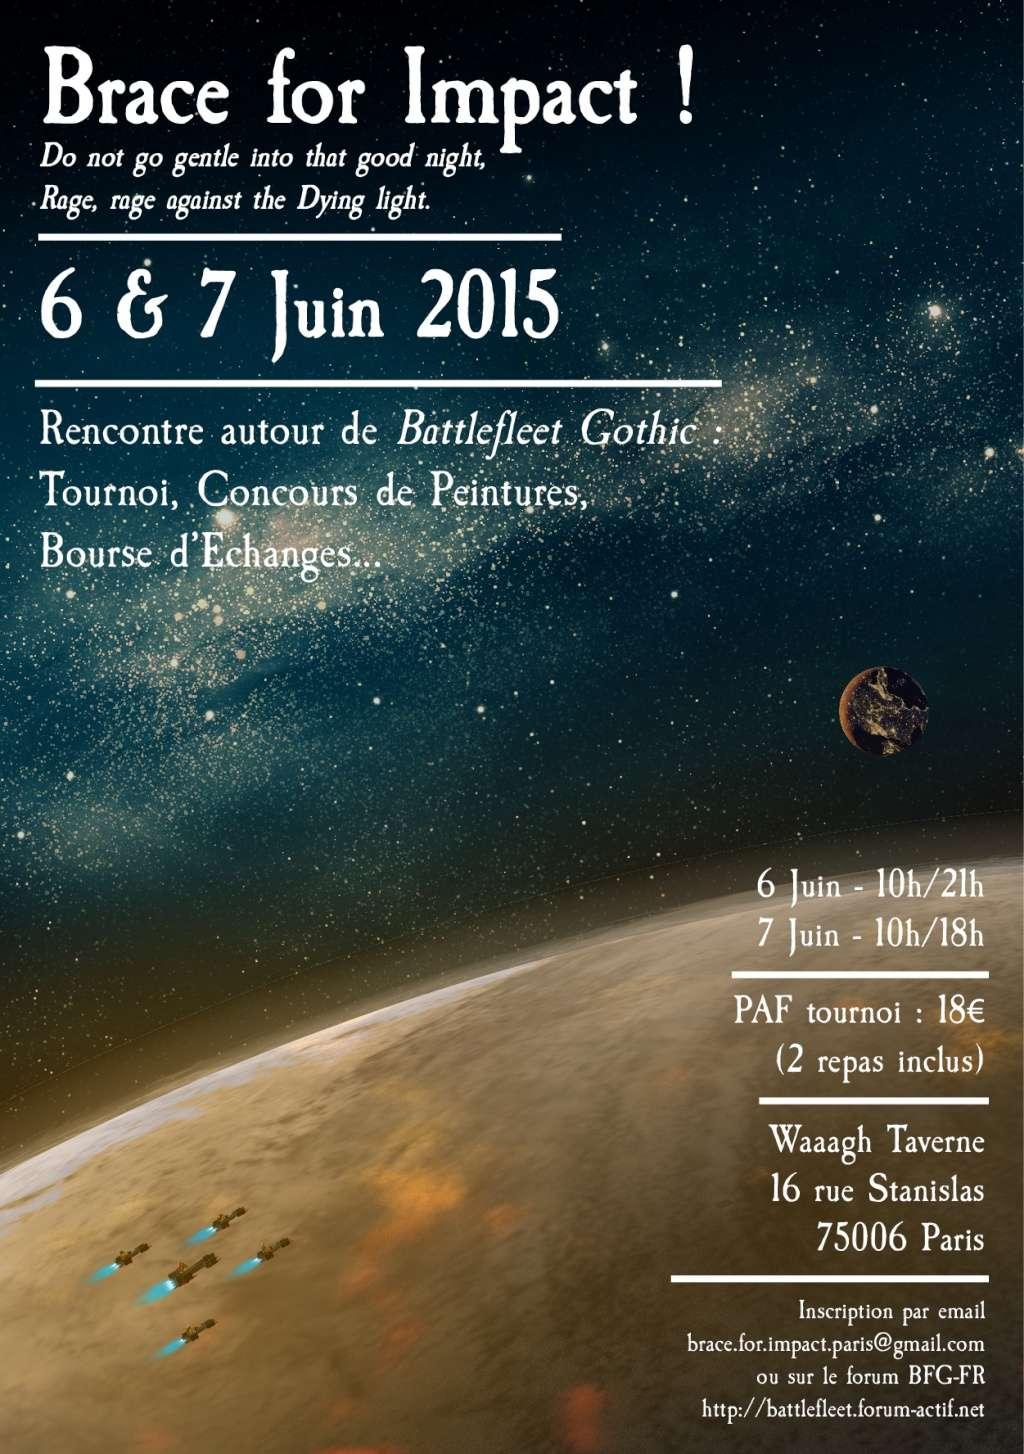 [RENCONTRE] BRACE FOR IMPACT - 6/7 juin 2015 - Paris Bfg_fr13